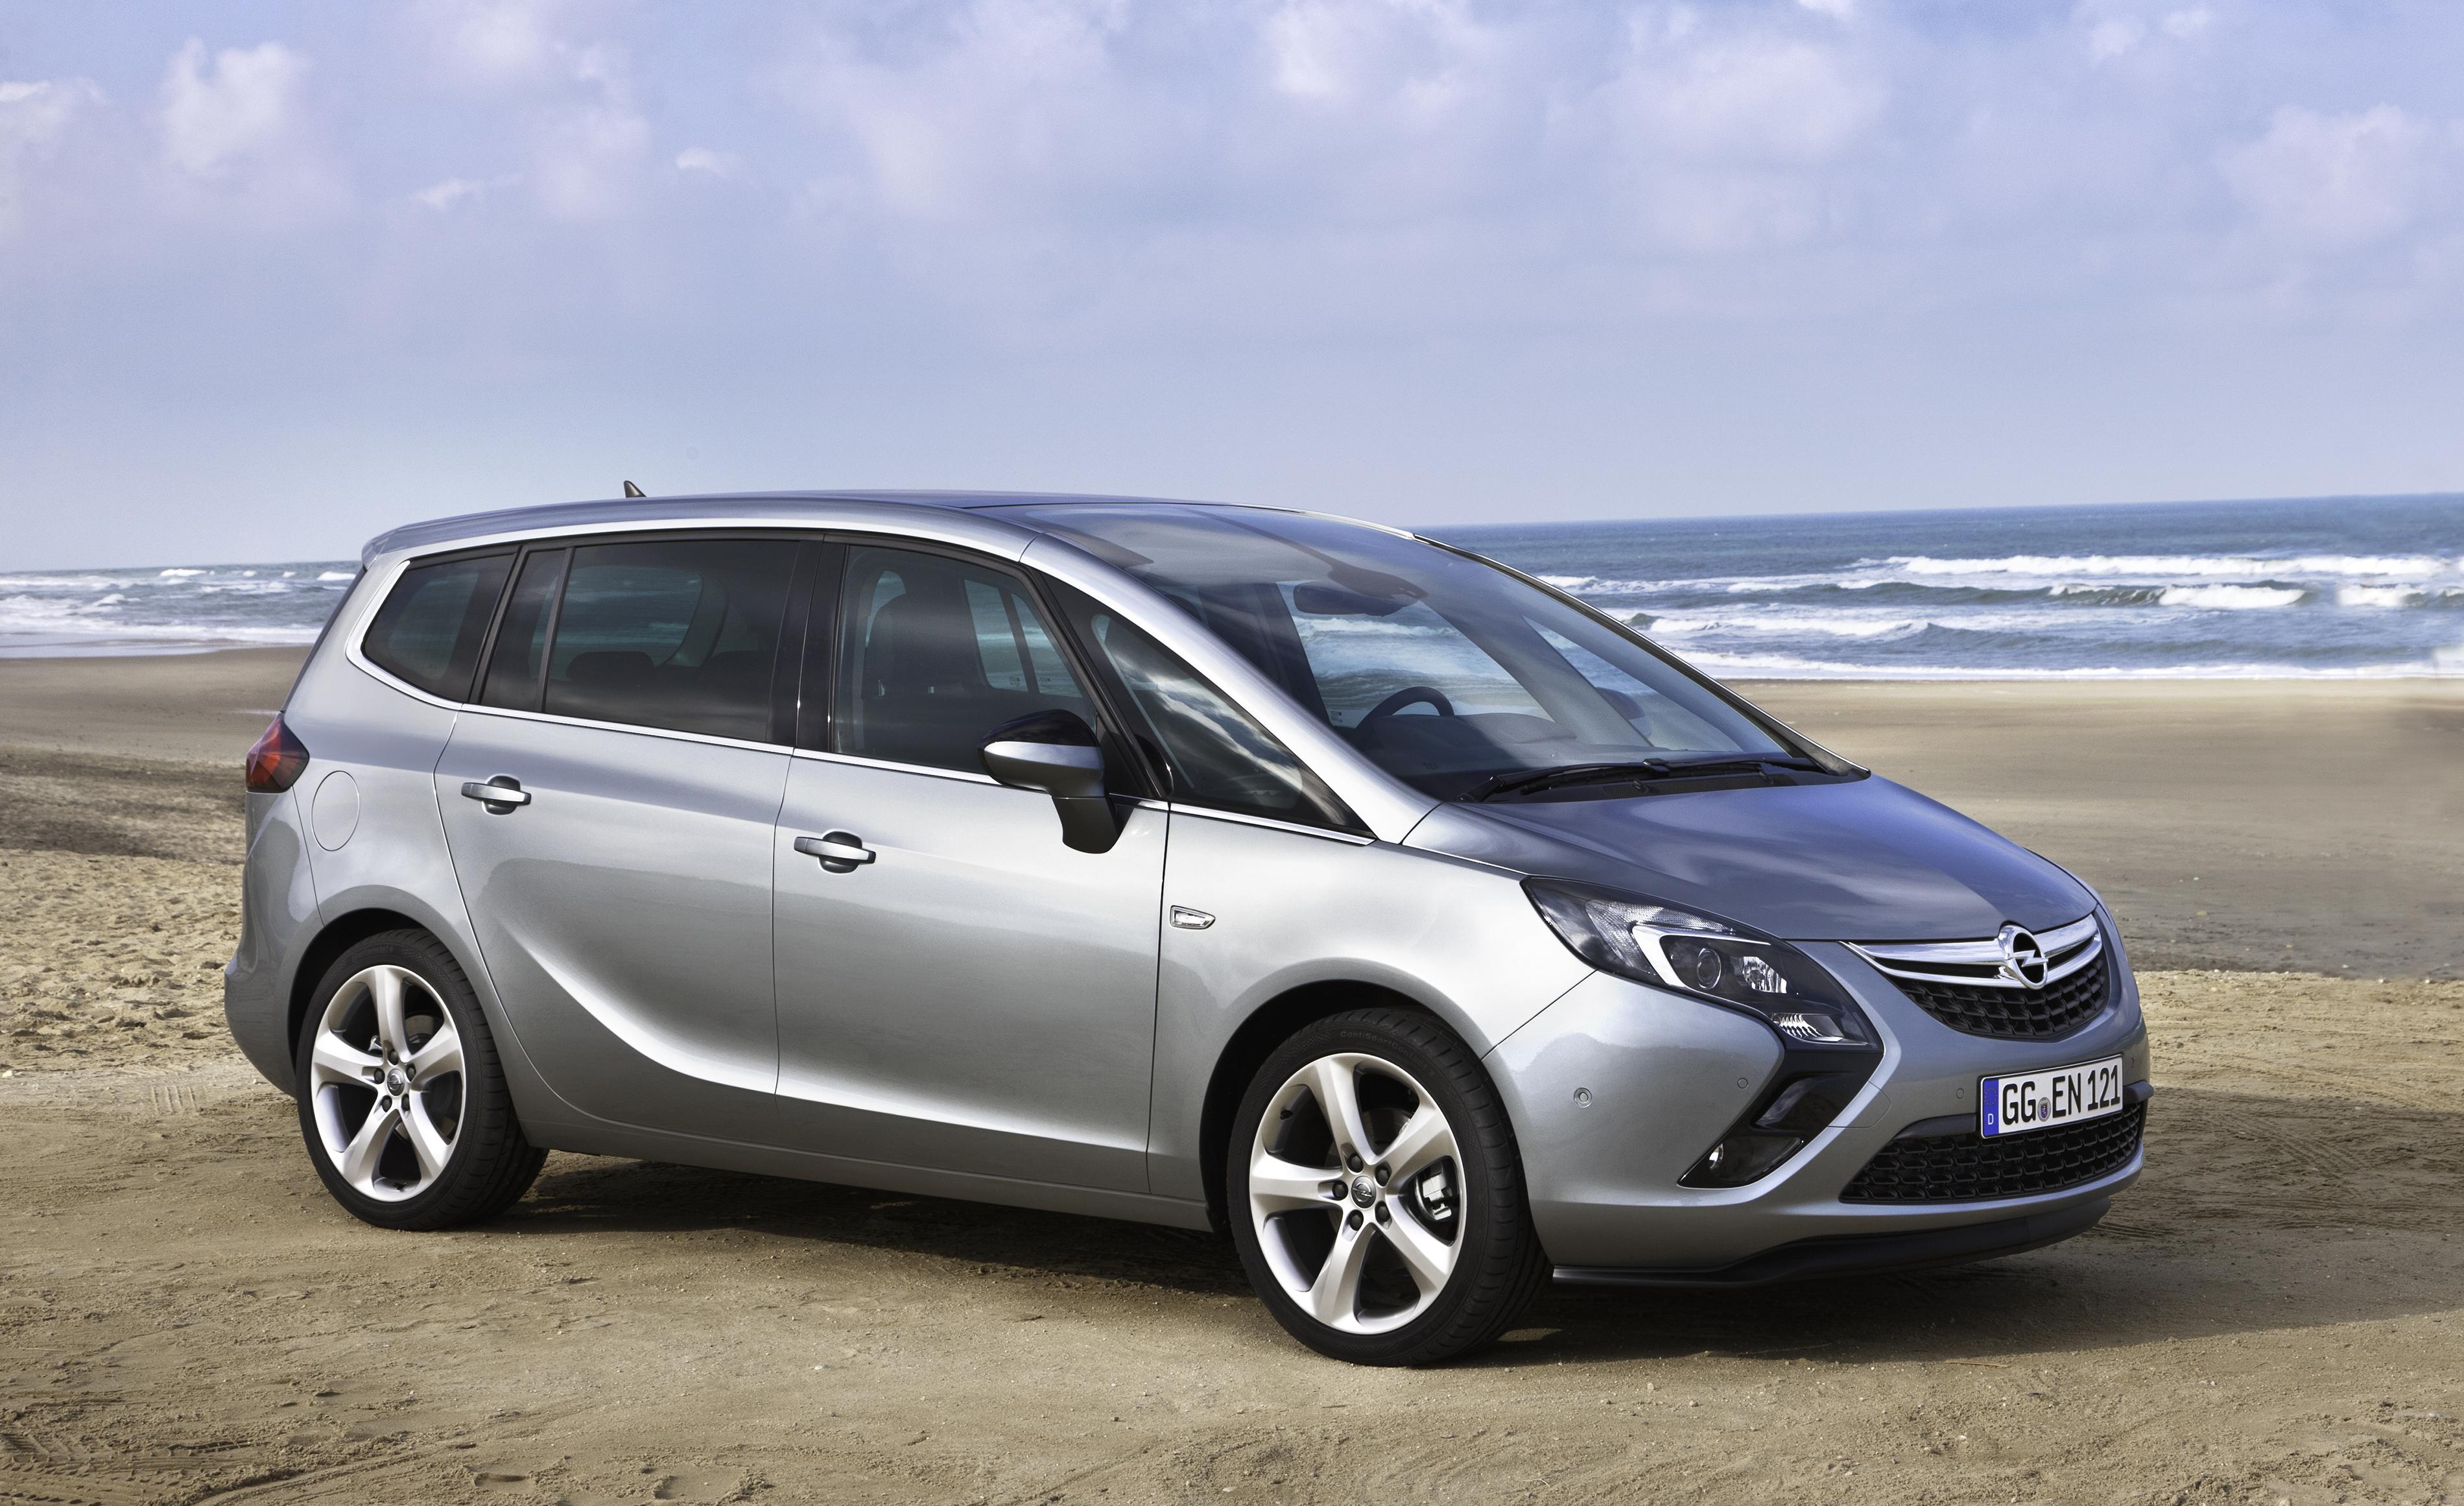 Motorsport, Lifestyle – Opel Zafira Tourer 1.6 CDTI